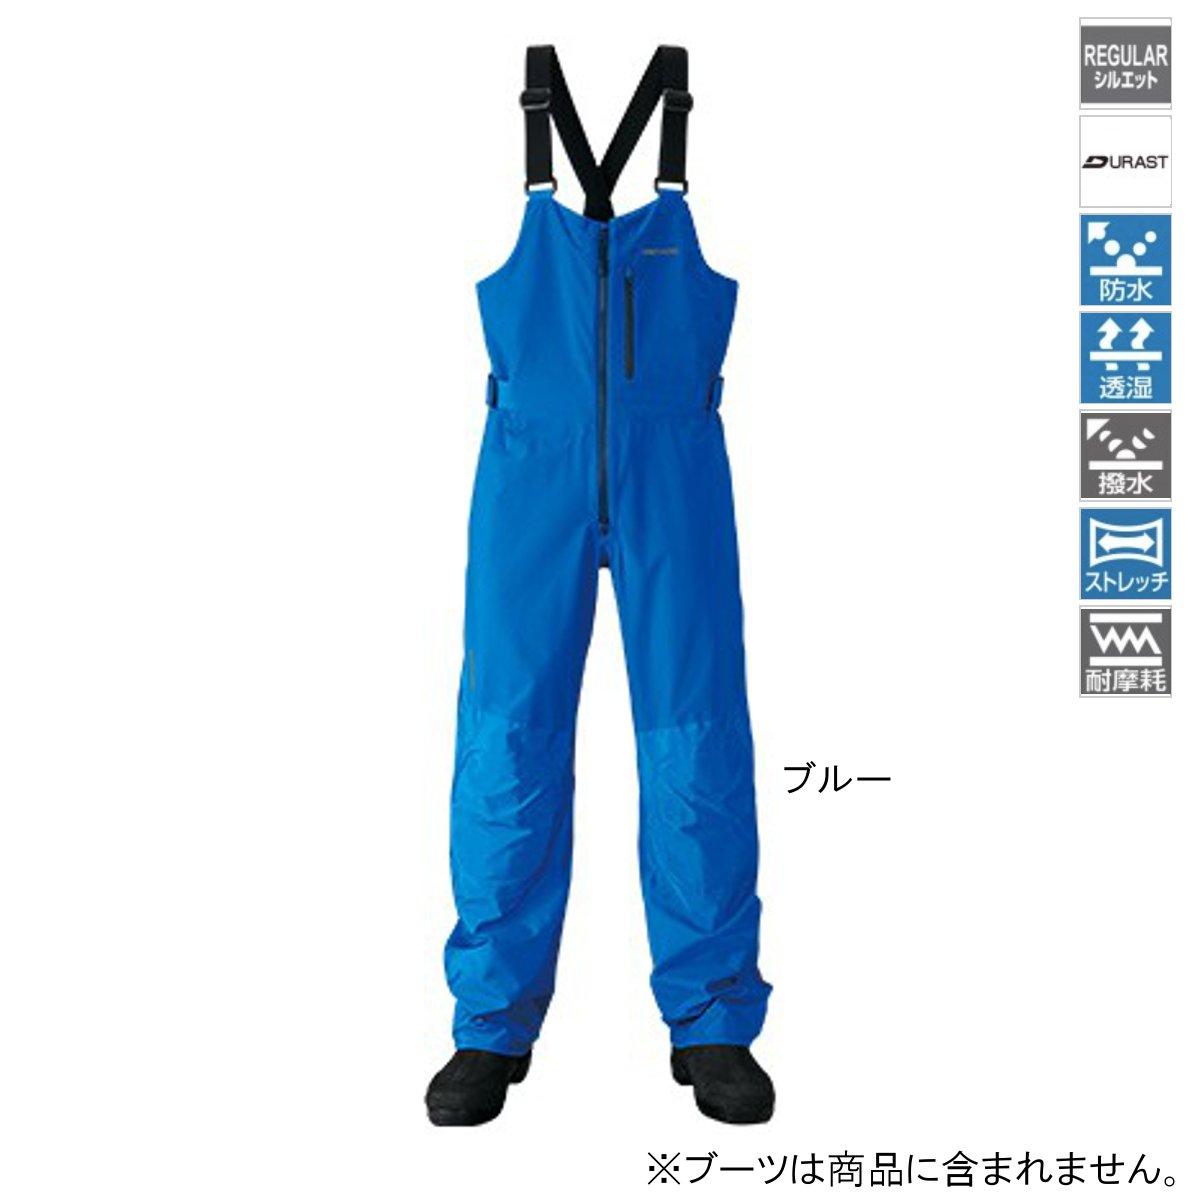 シマノ XEFO・DURASTレインビブ RA-26PS 2XL ブルー(東日本店)